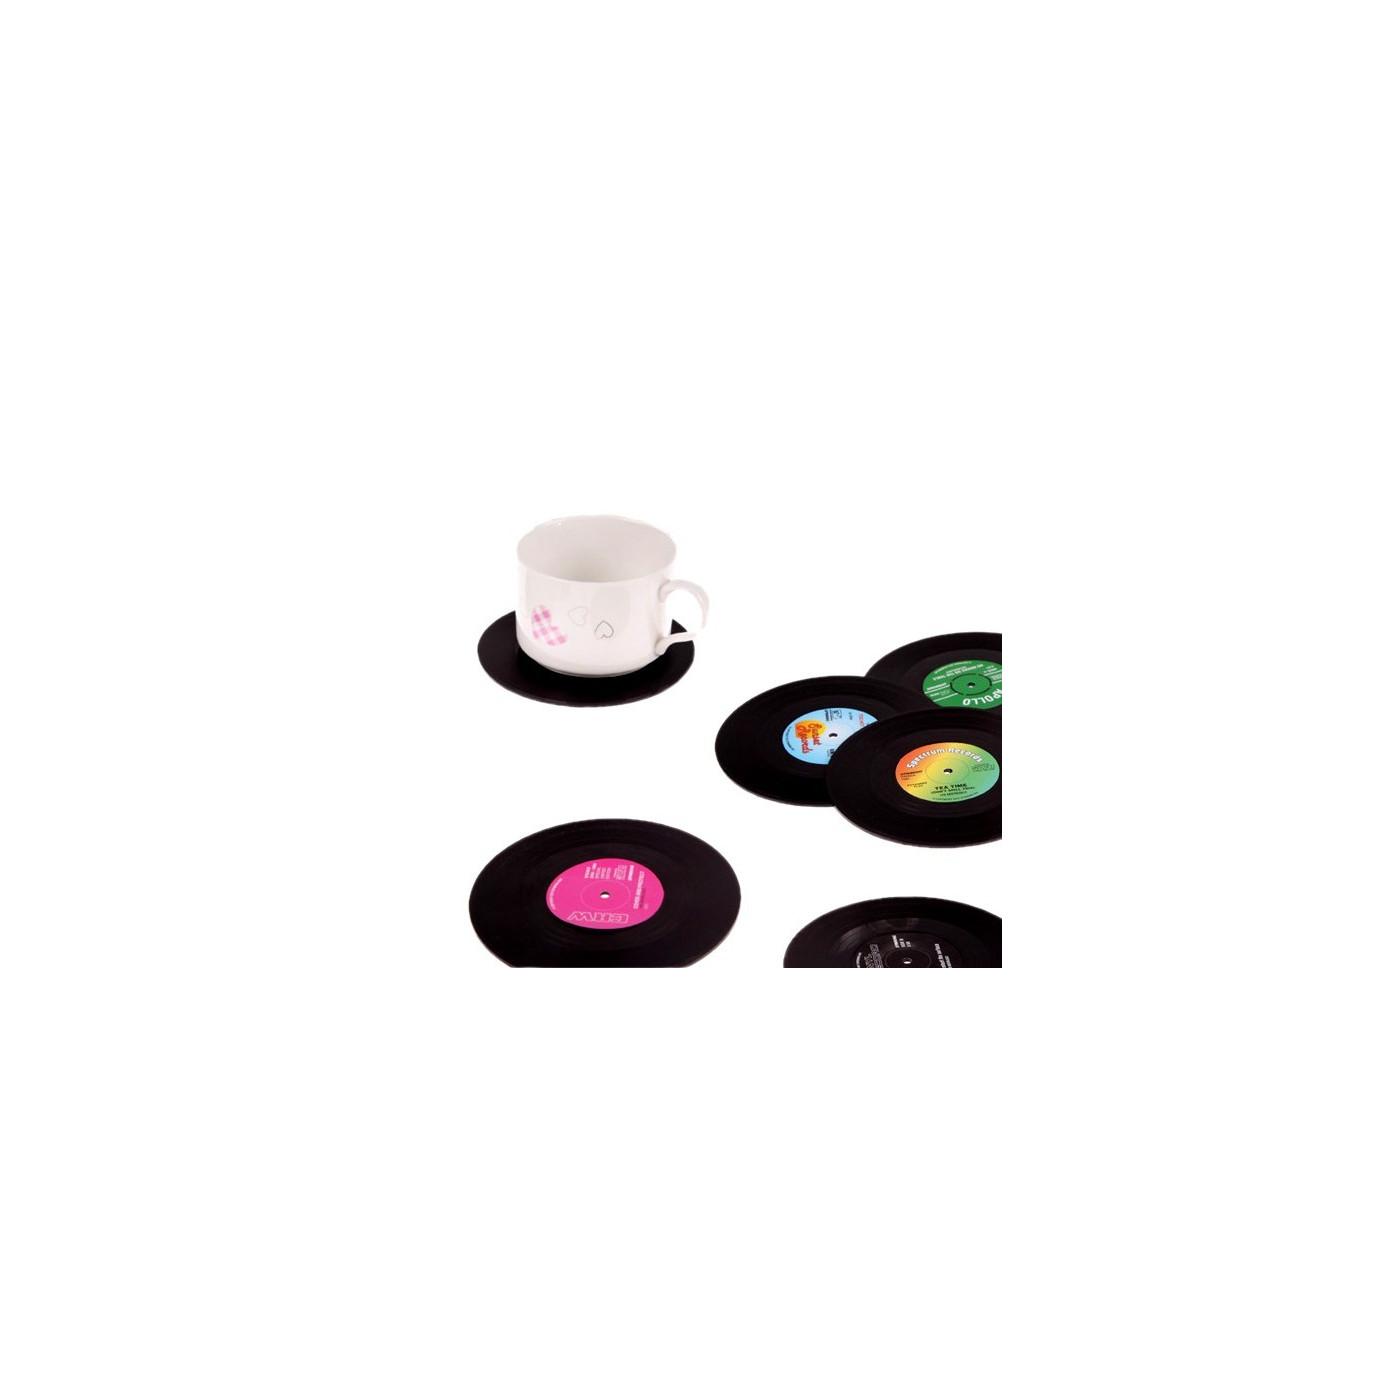 Set von 18 retro Vinyl Elpee Untersetzer  - 1